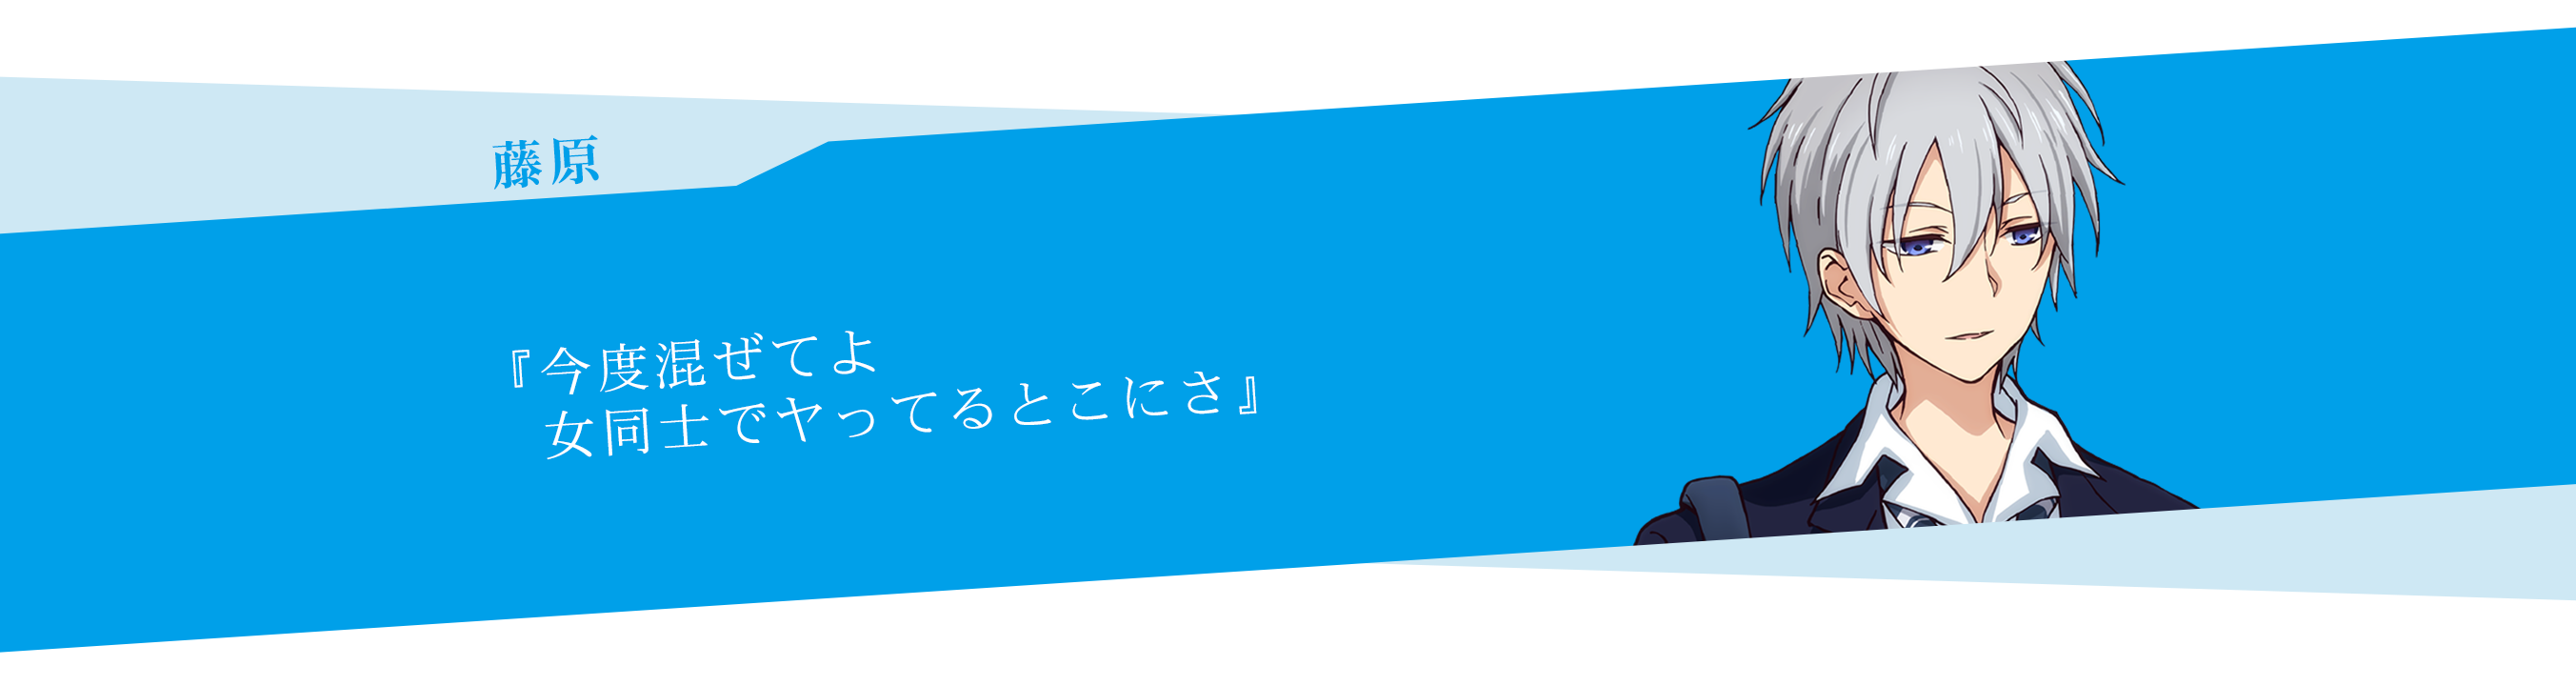 MX・tvk・テレ玉・チバ・群馬・とちぎ実況 ★ 54856 [無断転載禁止]©2ch.net->画像>756枚